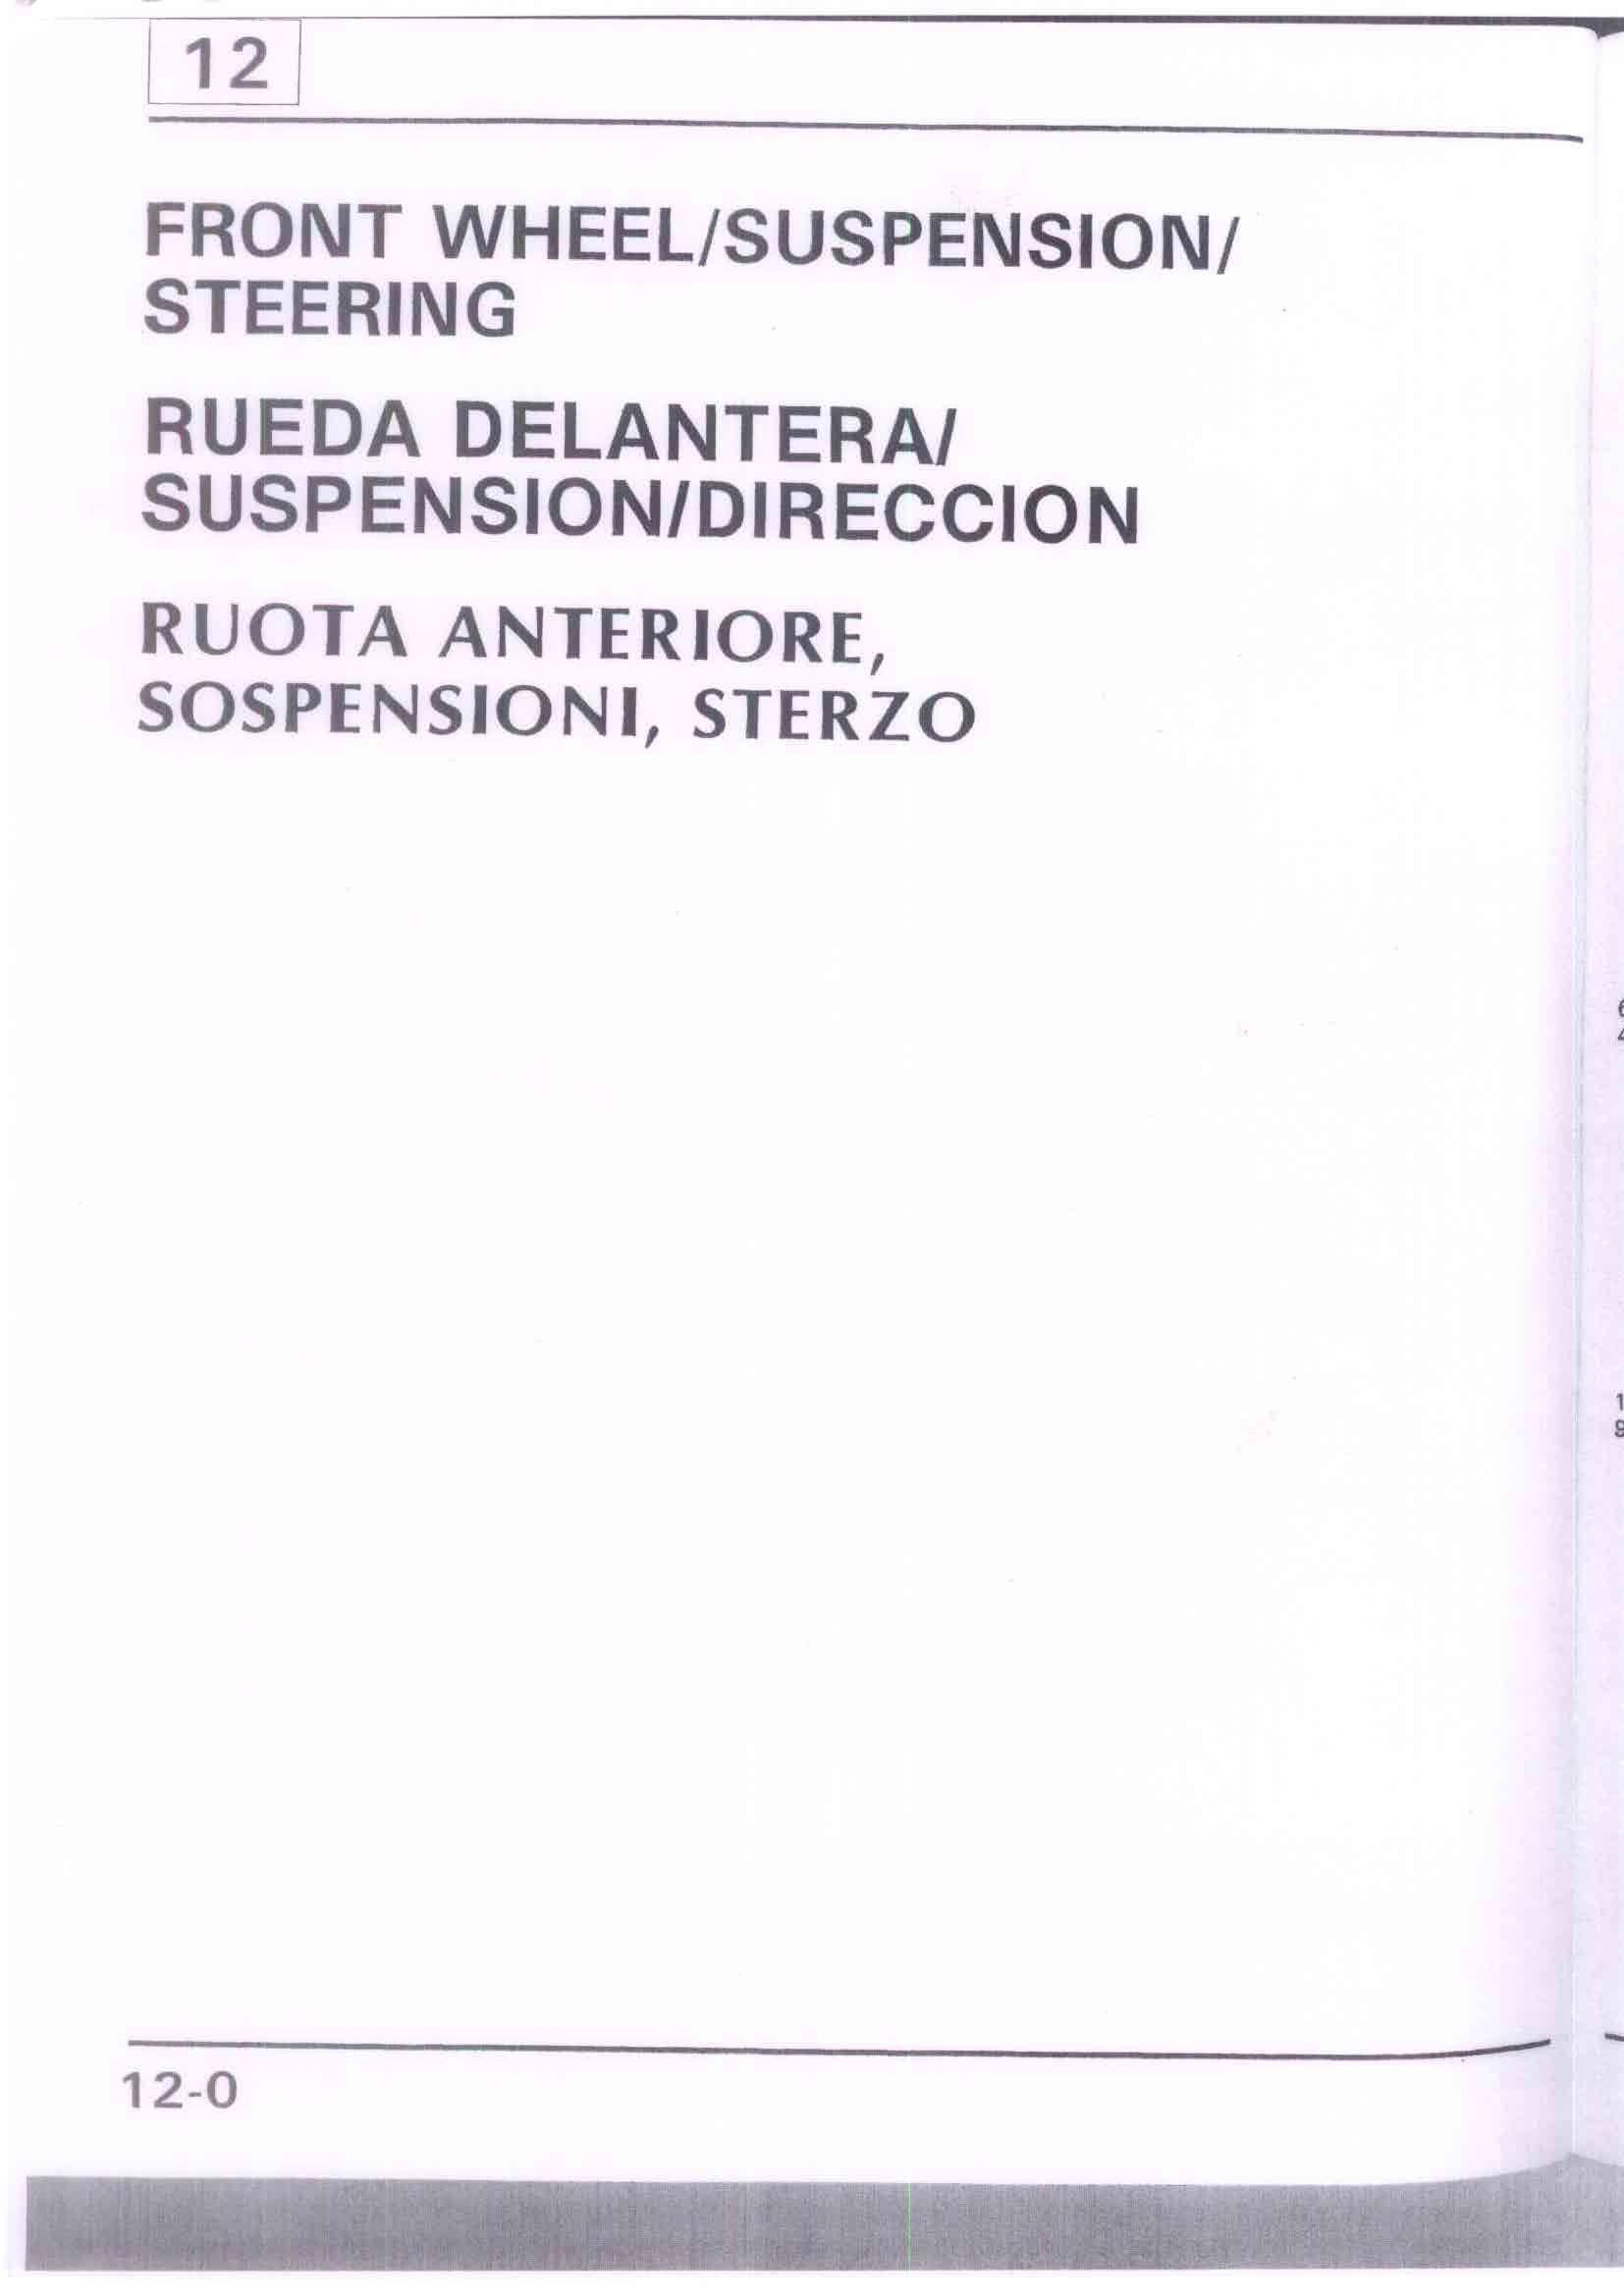 Capitolo12-Ruota anteriore sospensioni sterzo Pagina 01